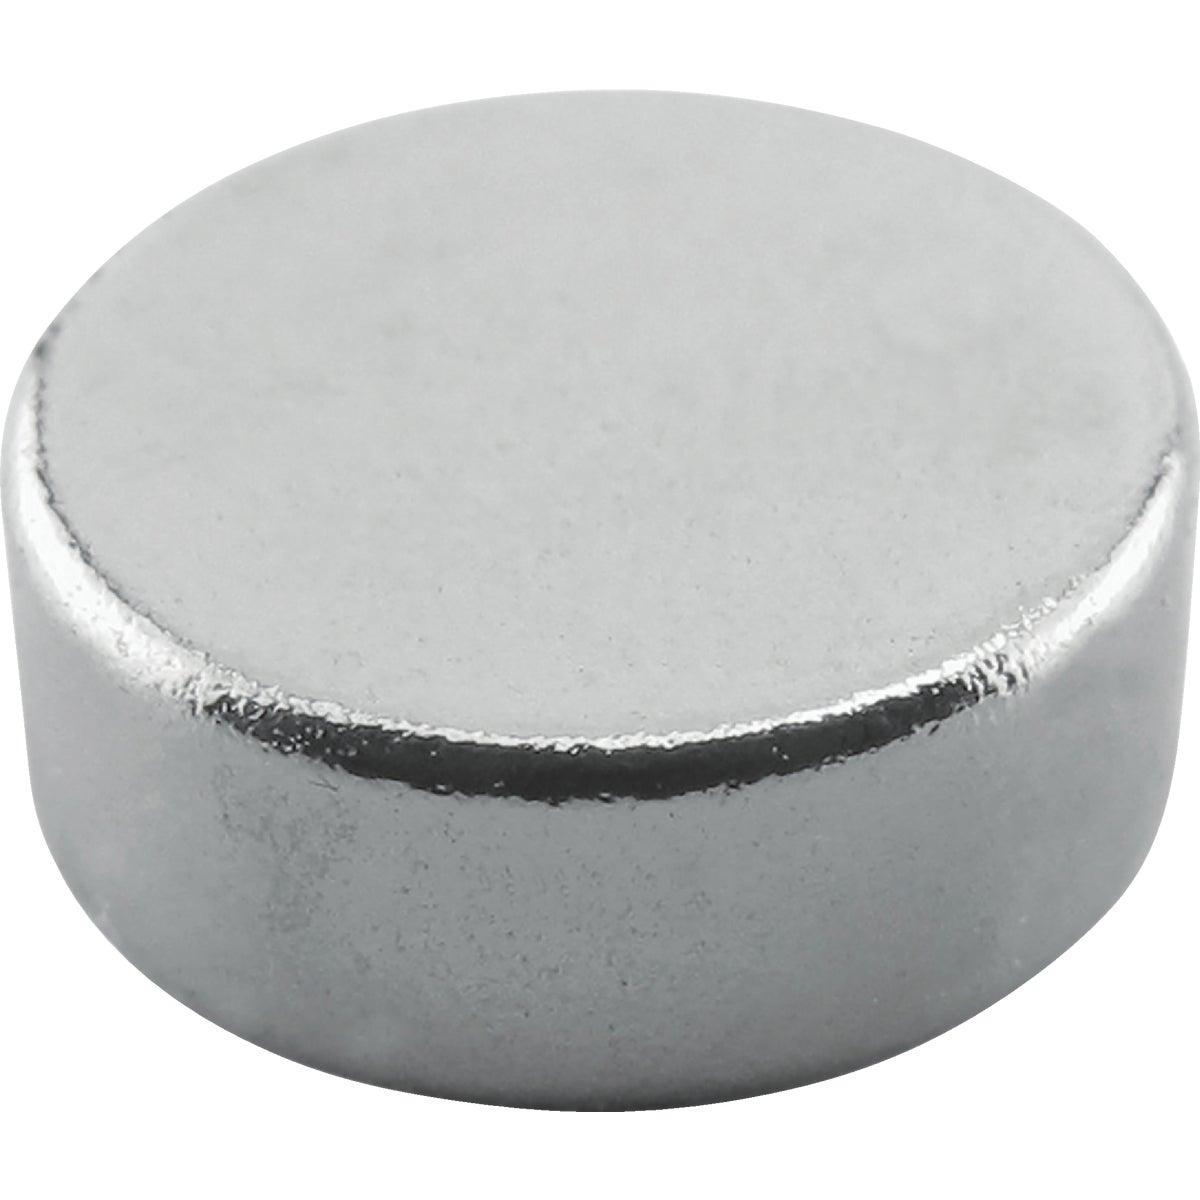 10PC NEODYMIUM MAGNET